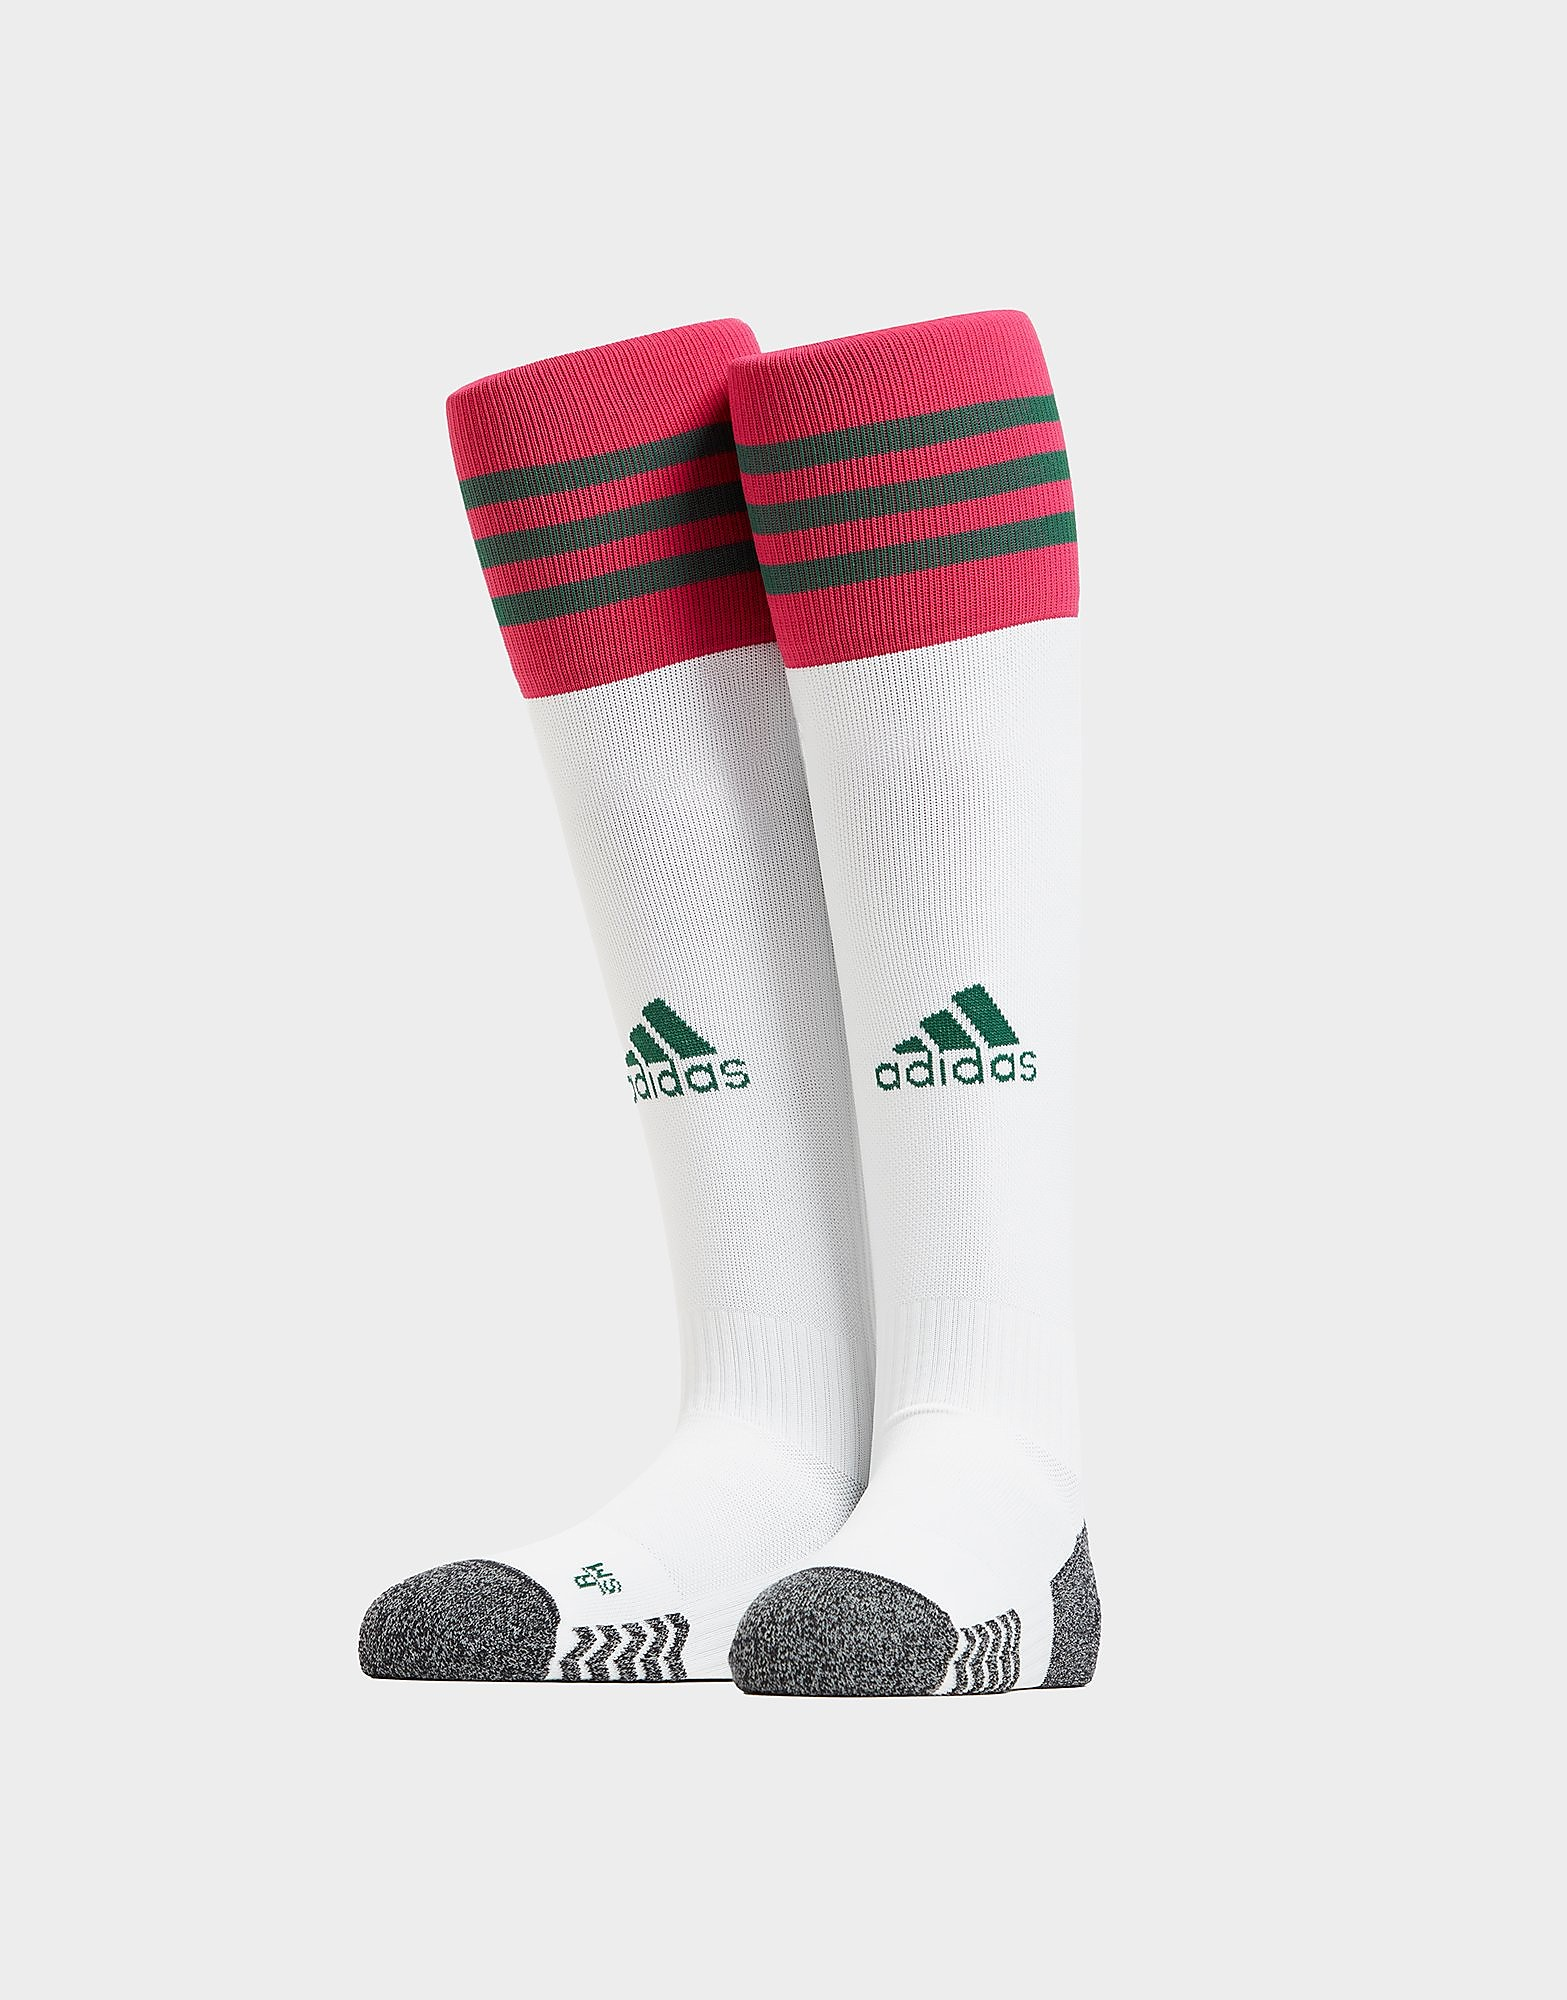 adidas Celtic FC 2021/22 Tredjestrumpor Herr FÖRBESTÄLLNING, Vit